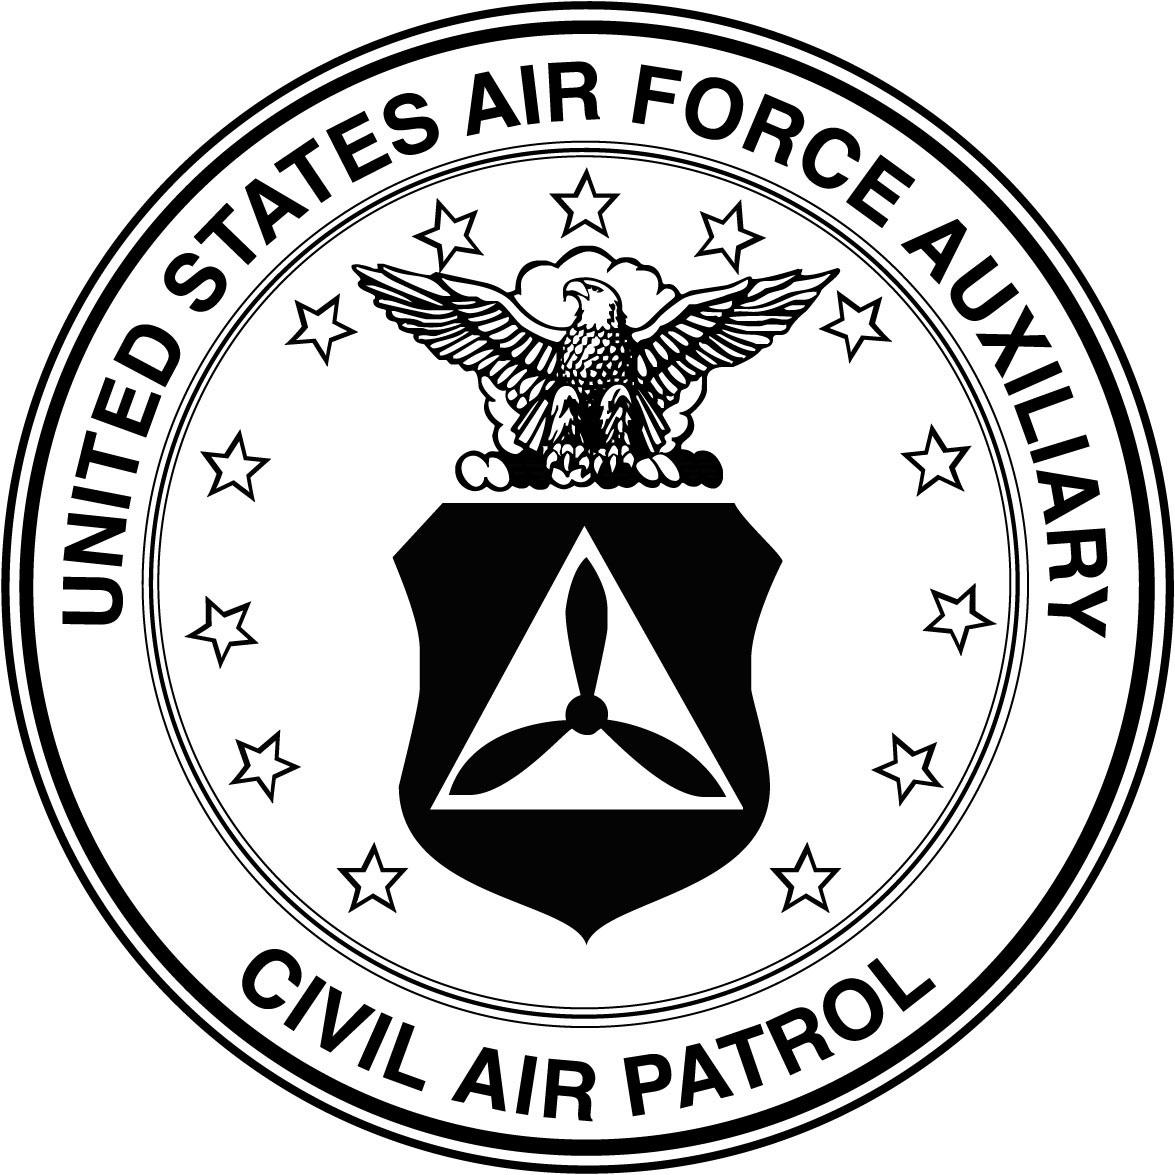 ffda6a40b2a United States Air Force Auxiliary Civil Air Patrol seal (b w)